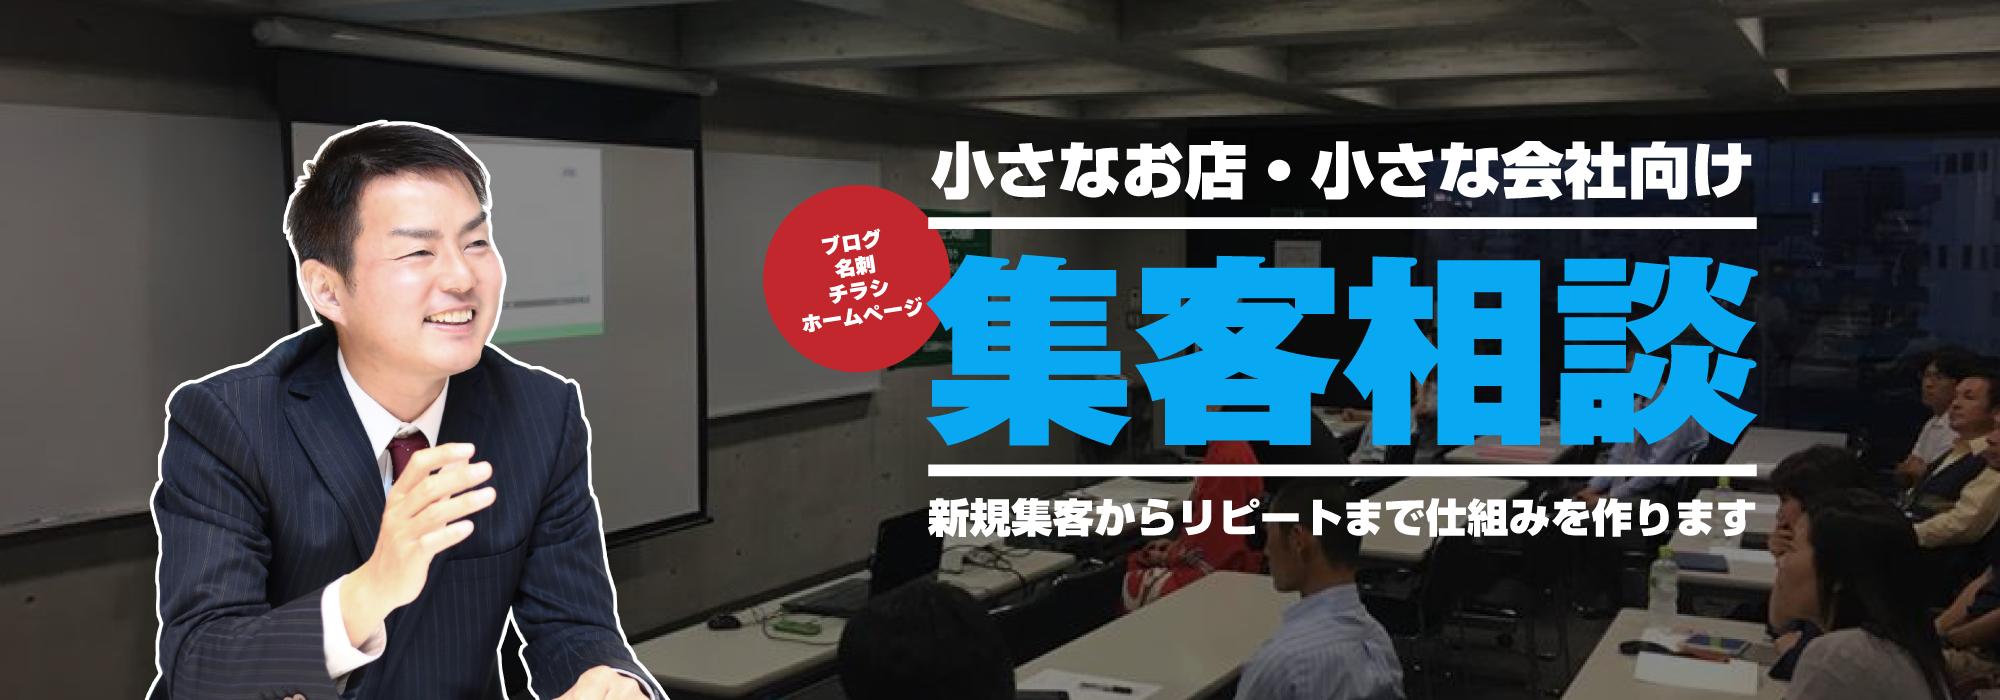 広島・岡山でチラシ・名刺・動画作成Web集客ならシュウキャクムギムギ